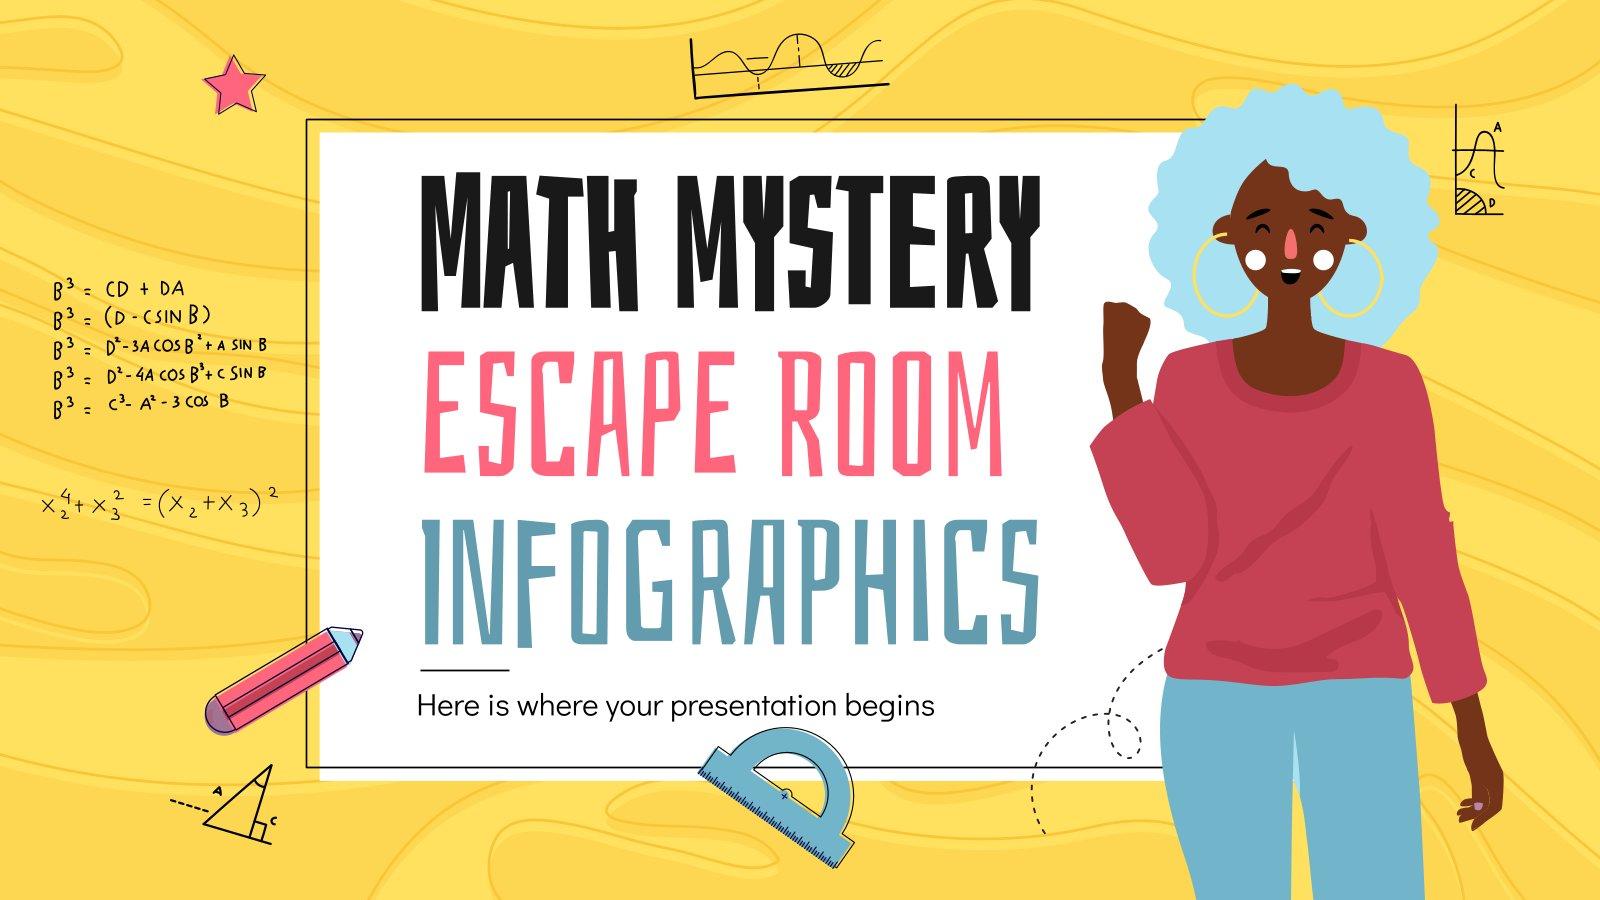 Infographies escape room des mystères mathématiques : Modèles de présentation